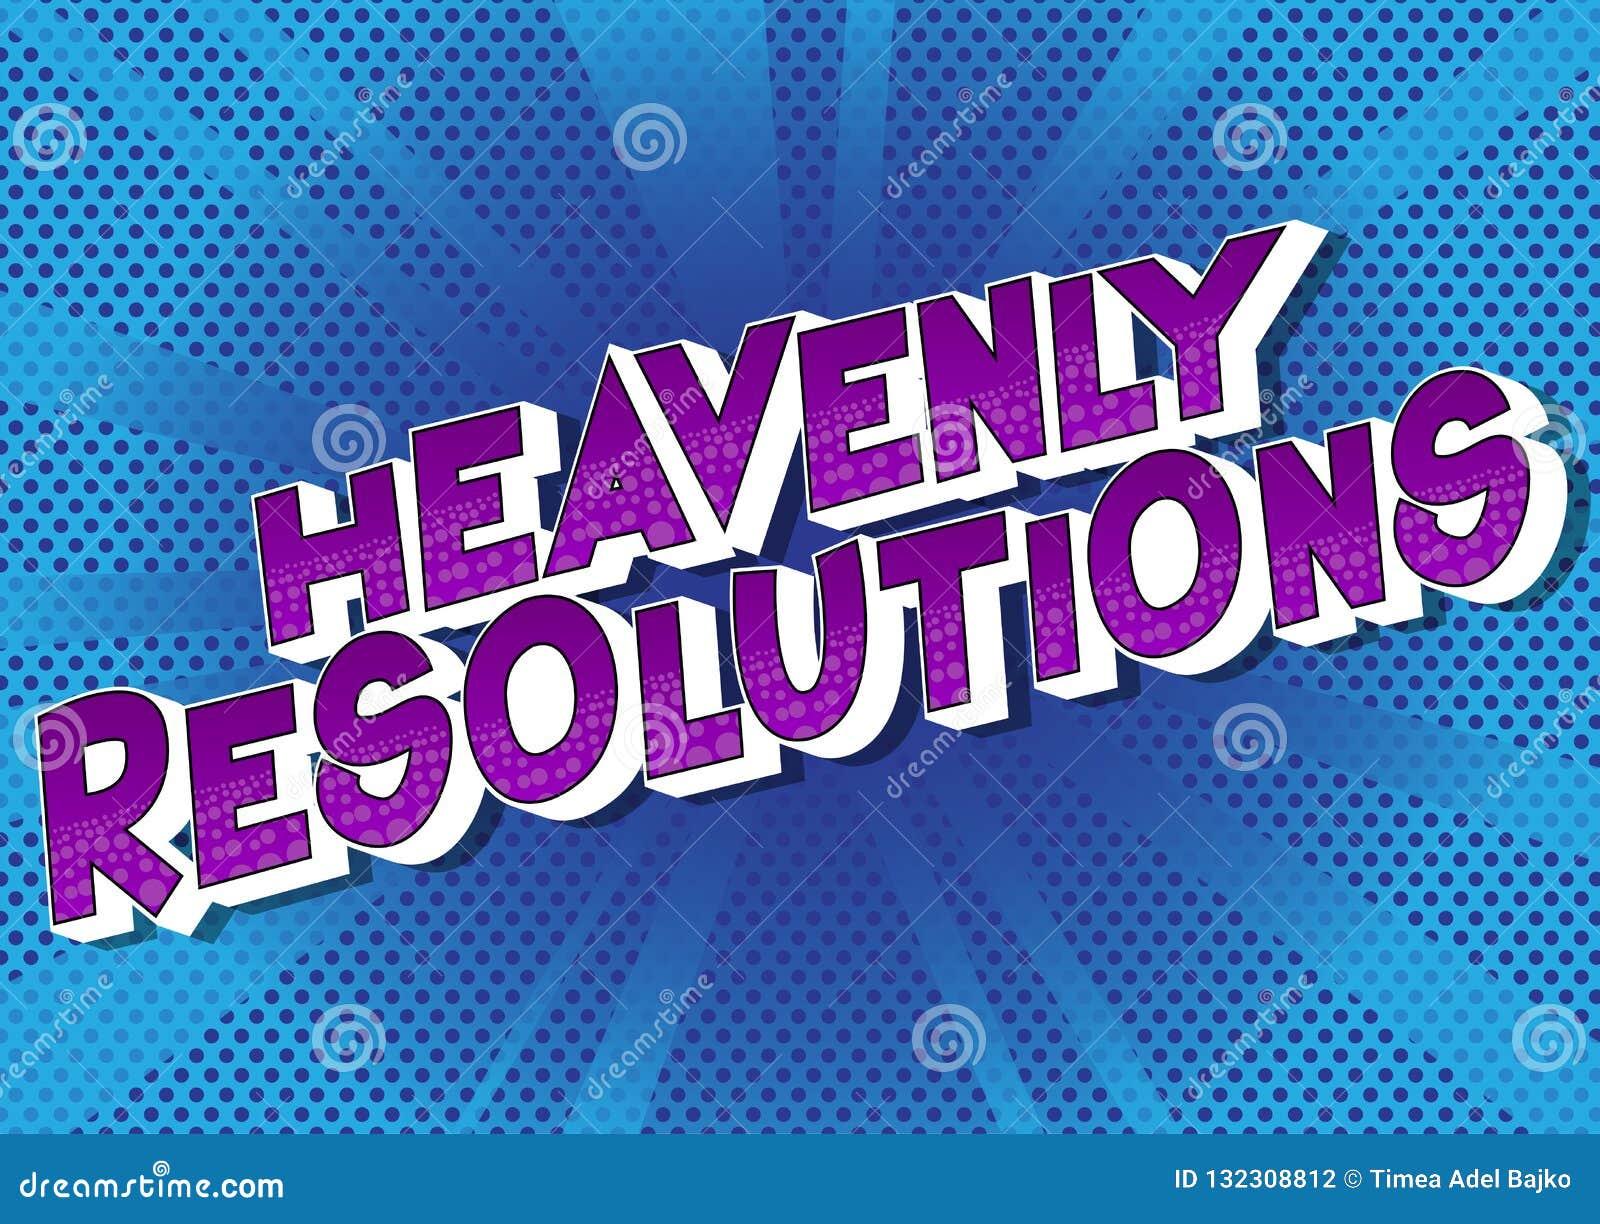 Hemelse Resoluties - de Grappige woorden van de boekstijl